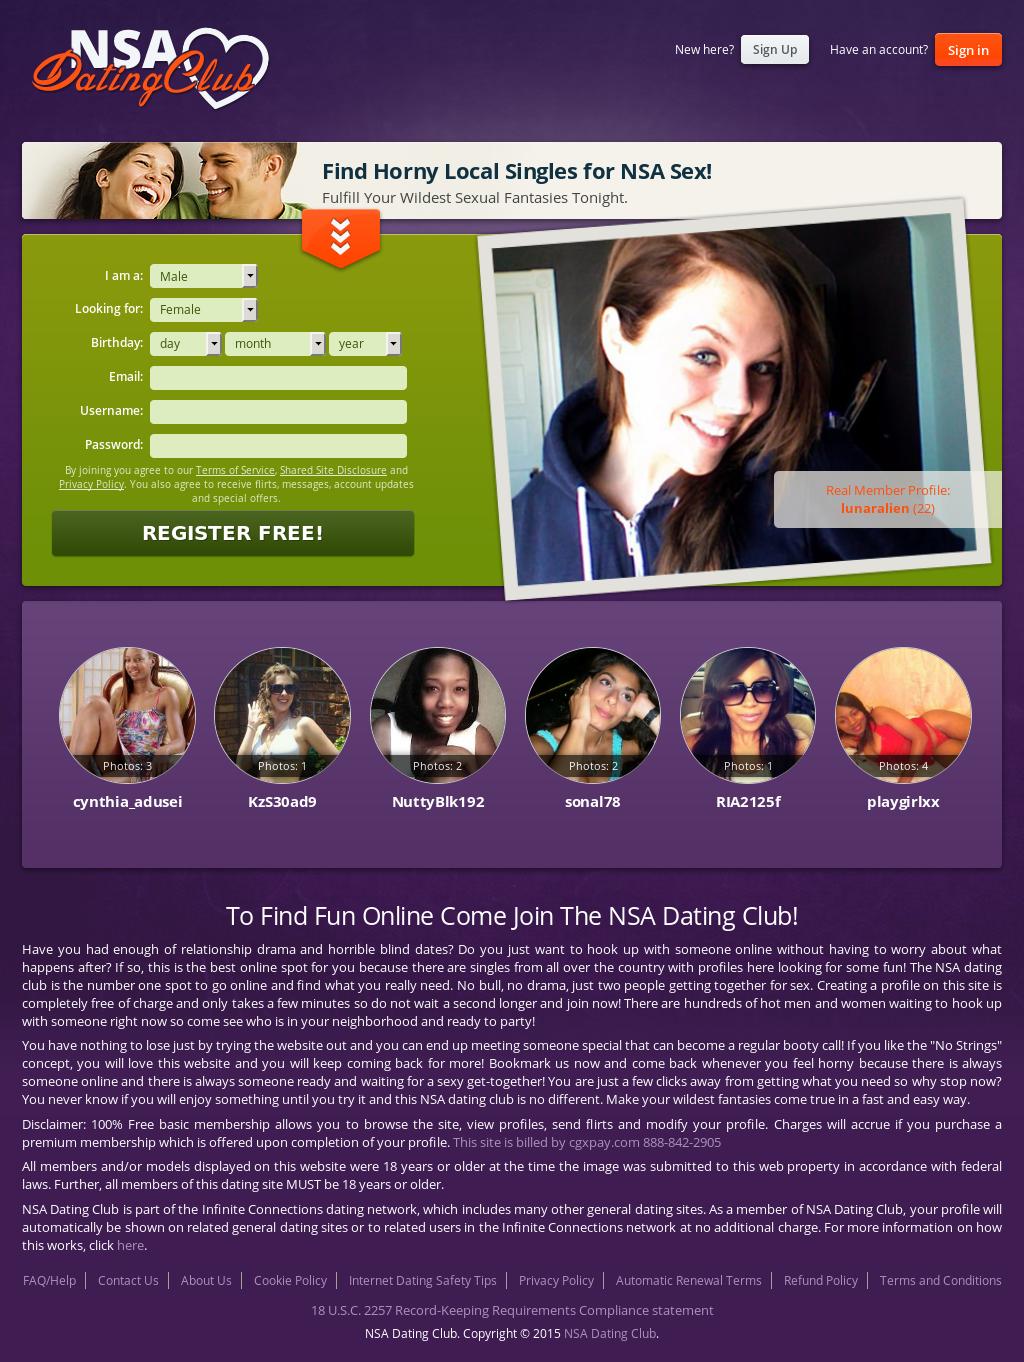 Online Dating vad gör NSA betyder Latin Cupid dejtingsajt